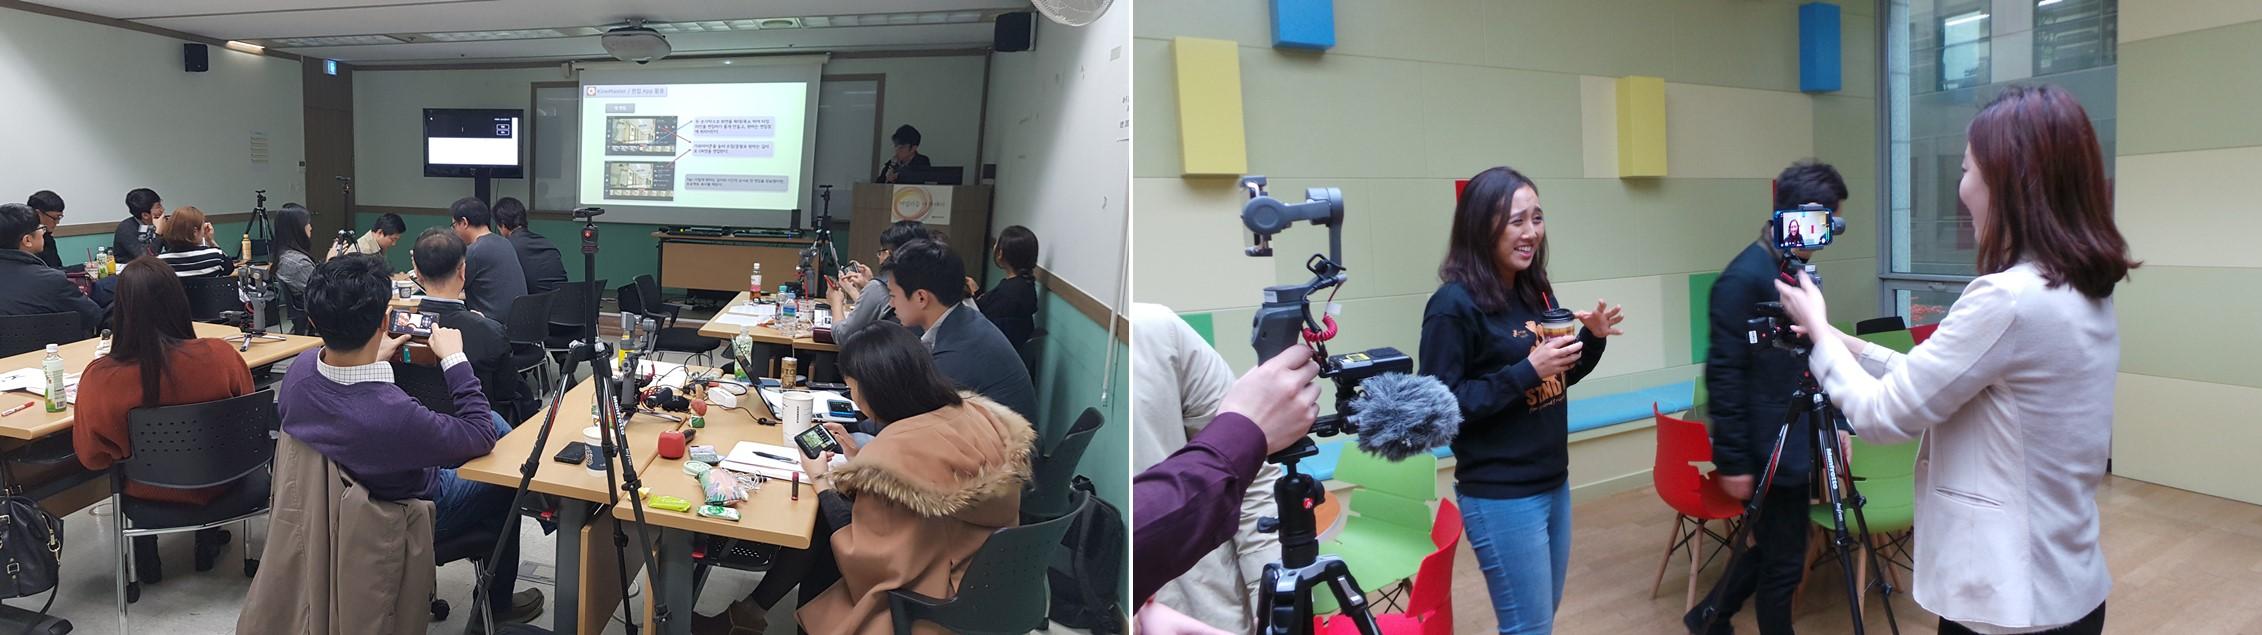 국내 방송사 대상 스마트폰 취재 교육 / 2018.11 한국전파진흥협회 방송사 맞춤 교육과정